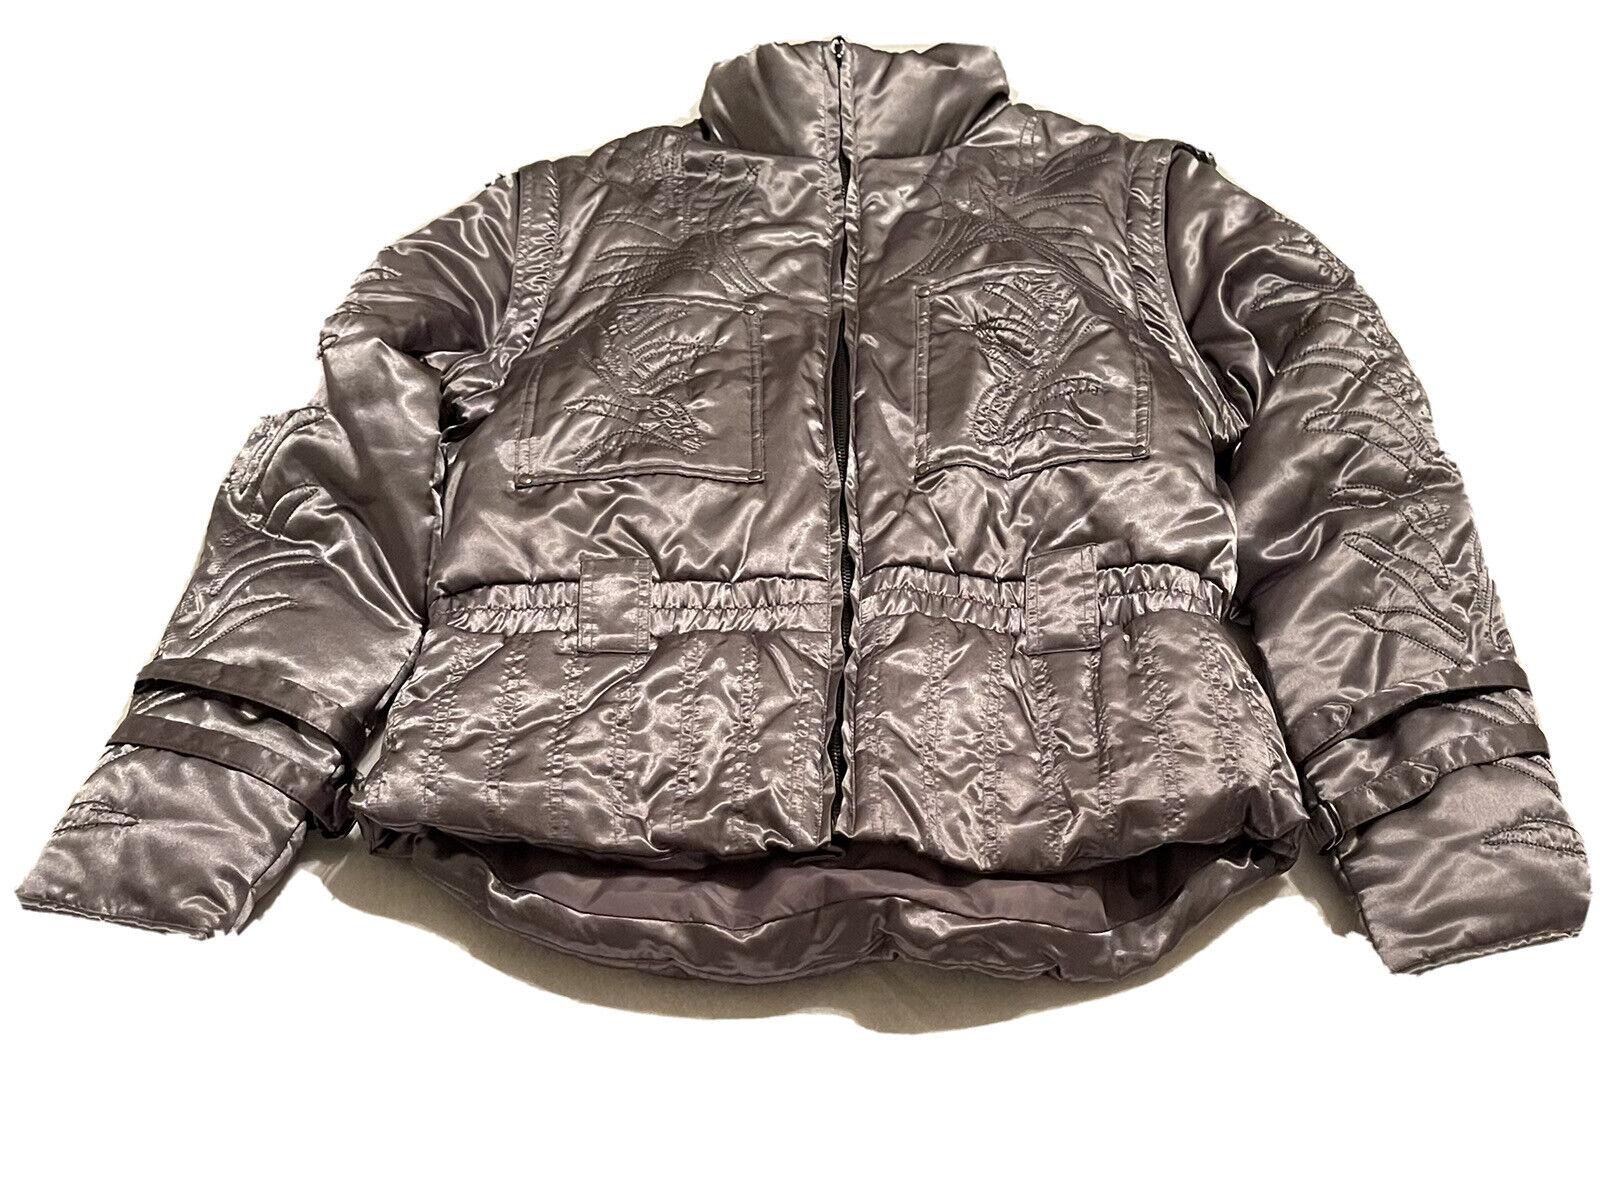 Brandon Thomas Jacket Coat Size X-Large Gray Raw Puffy